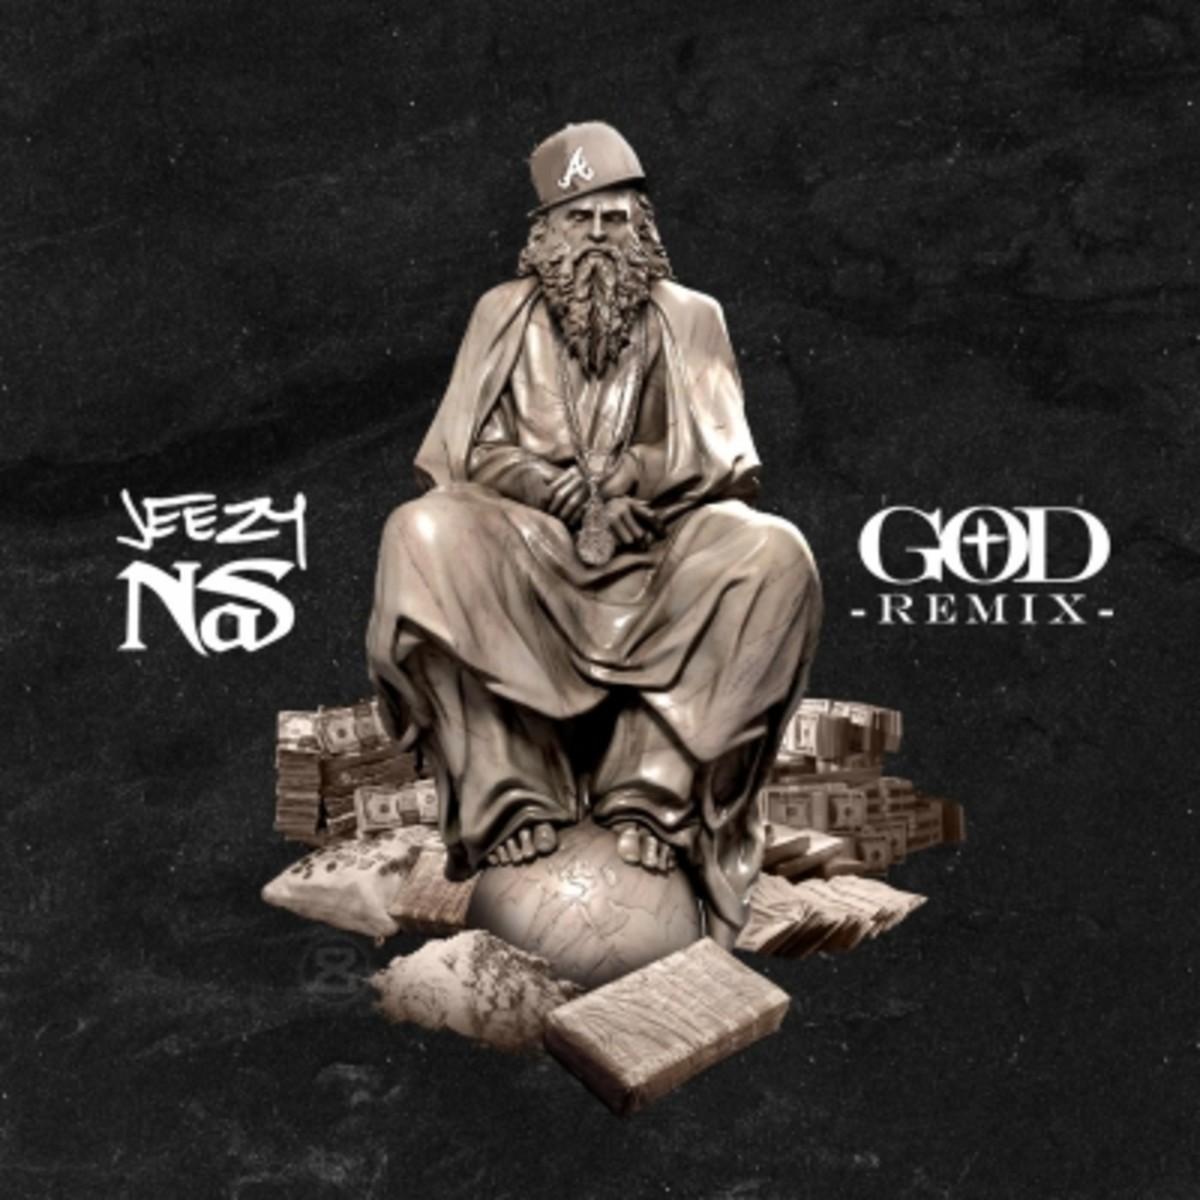 jeezy-god-remix1.jpg